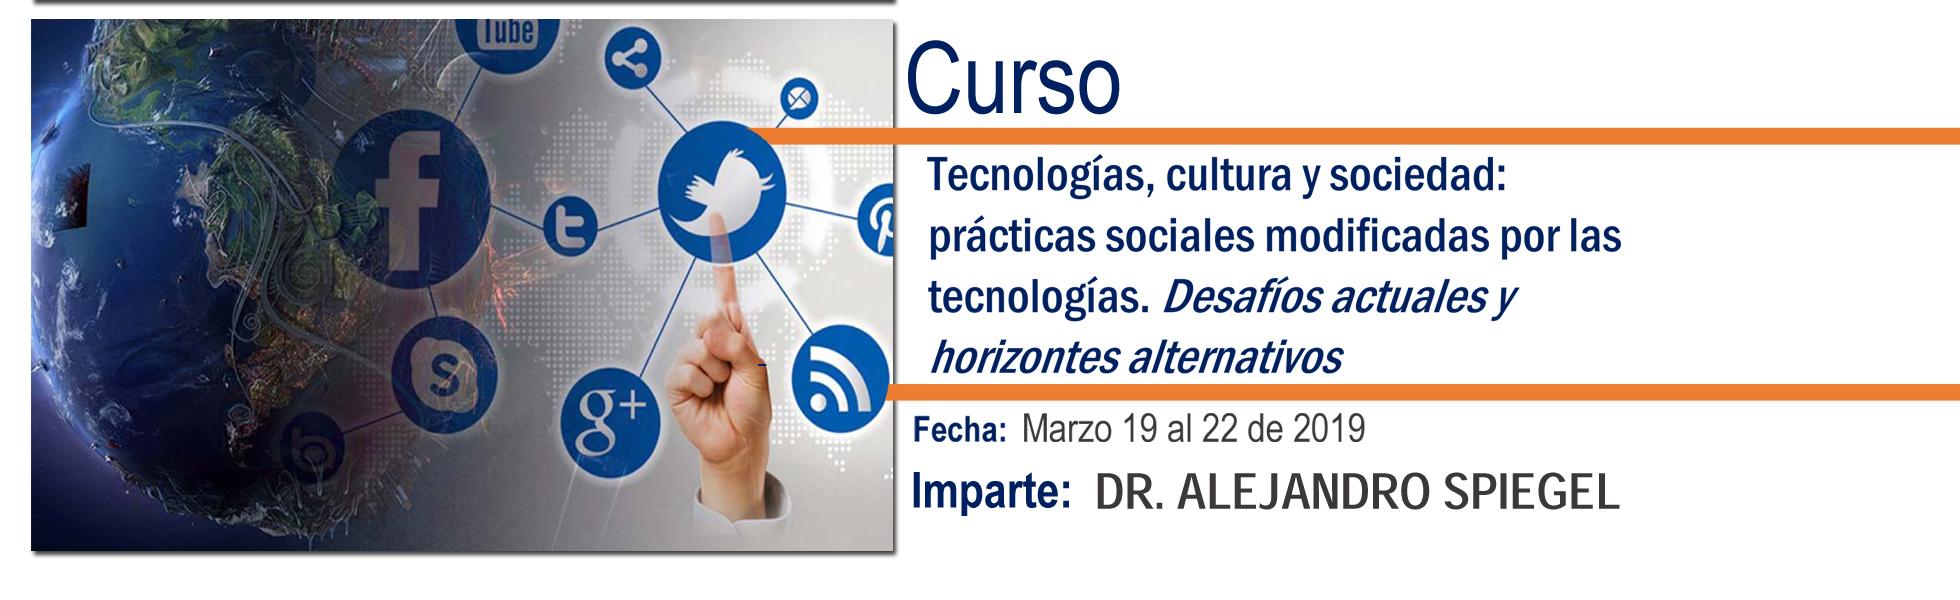 Tecnologías, cultura y sociedad: prácticas sociales modificadas por las tecnologías